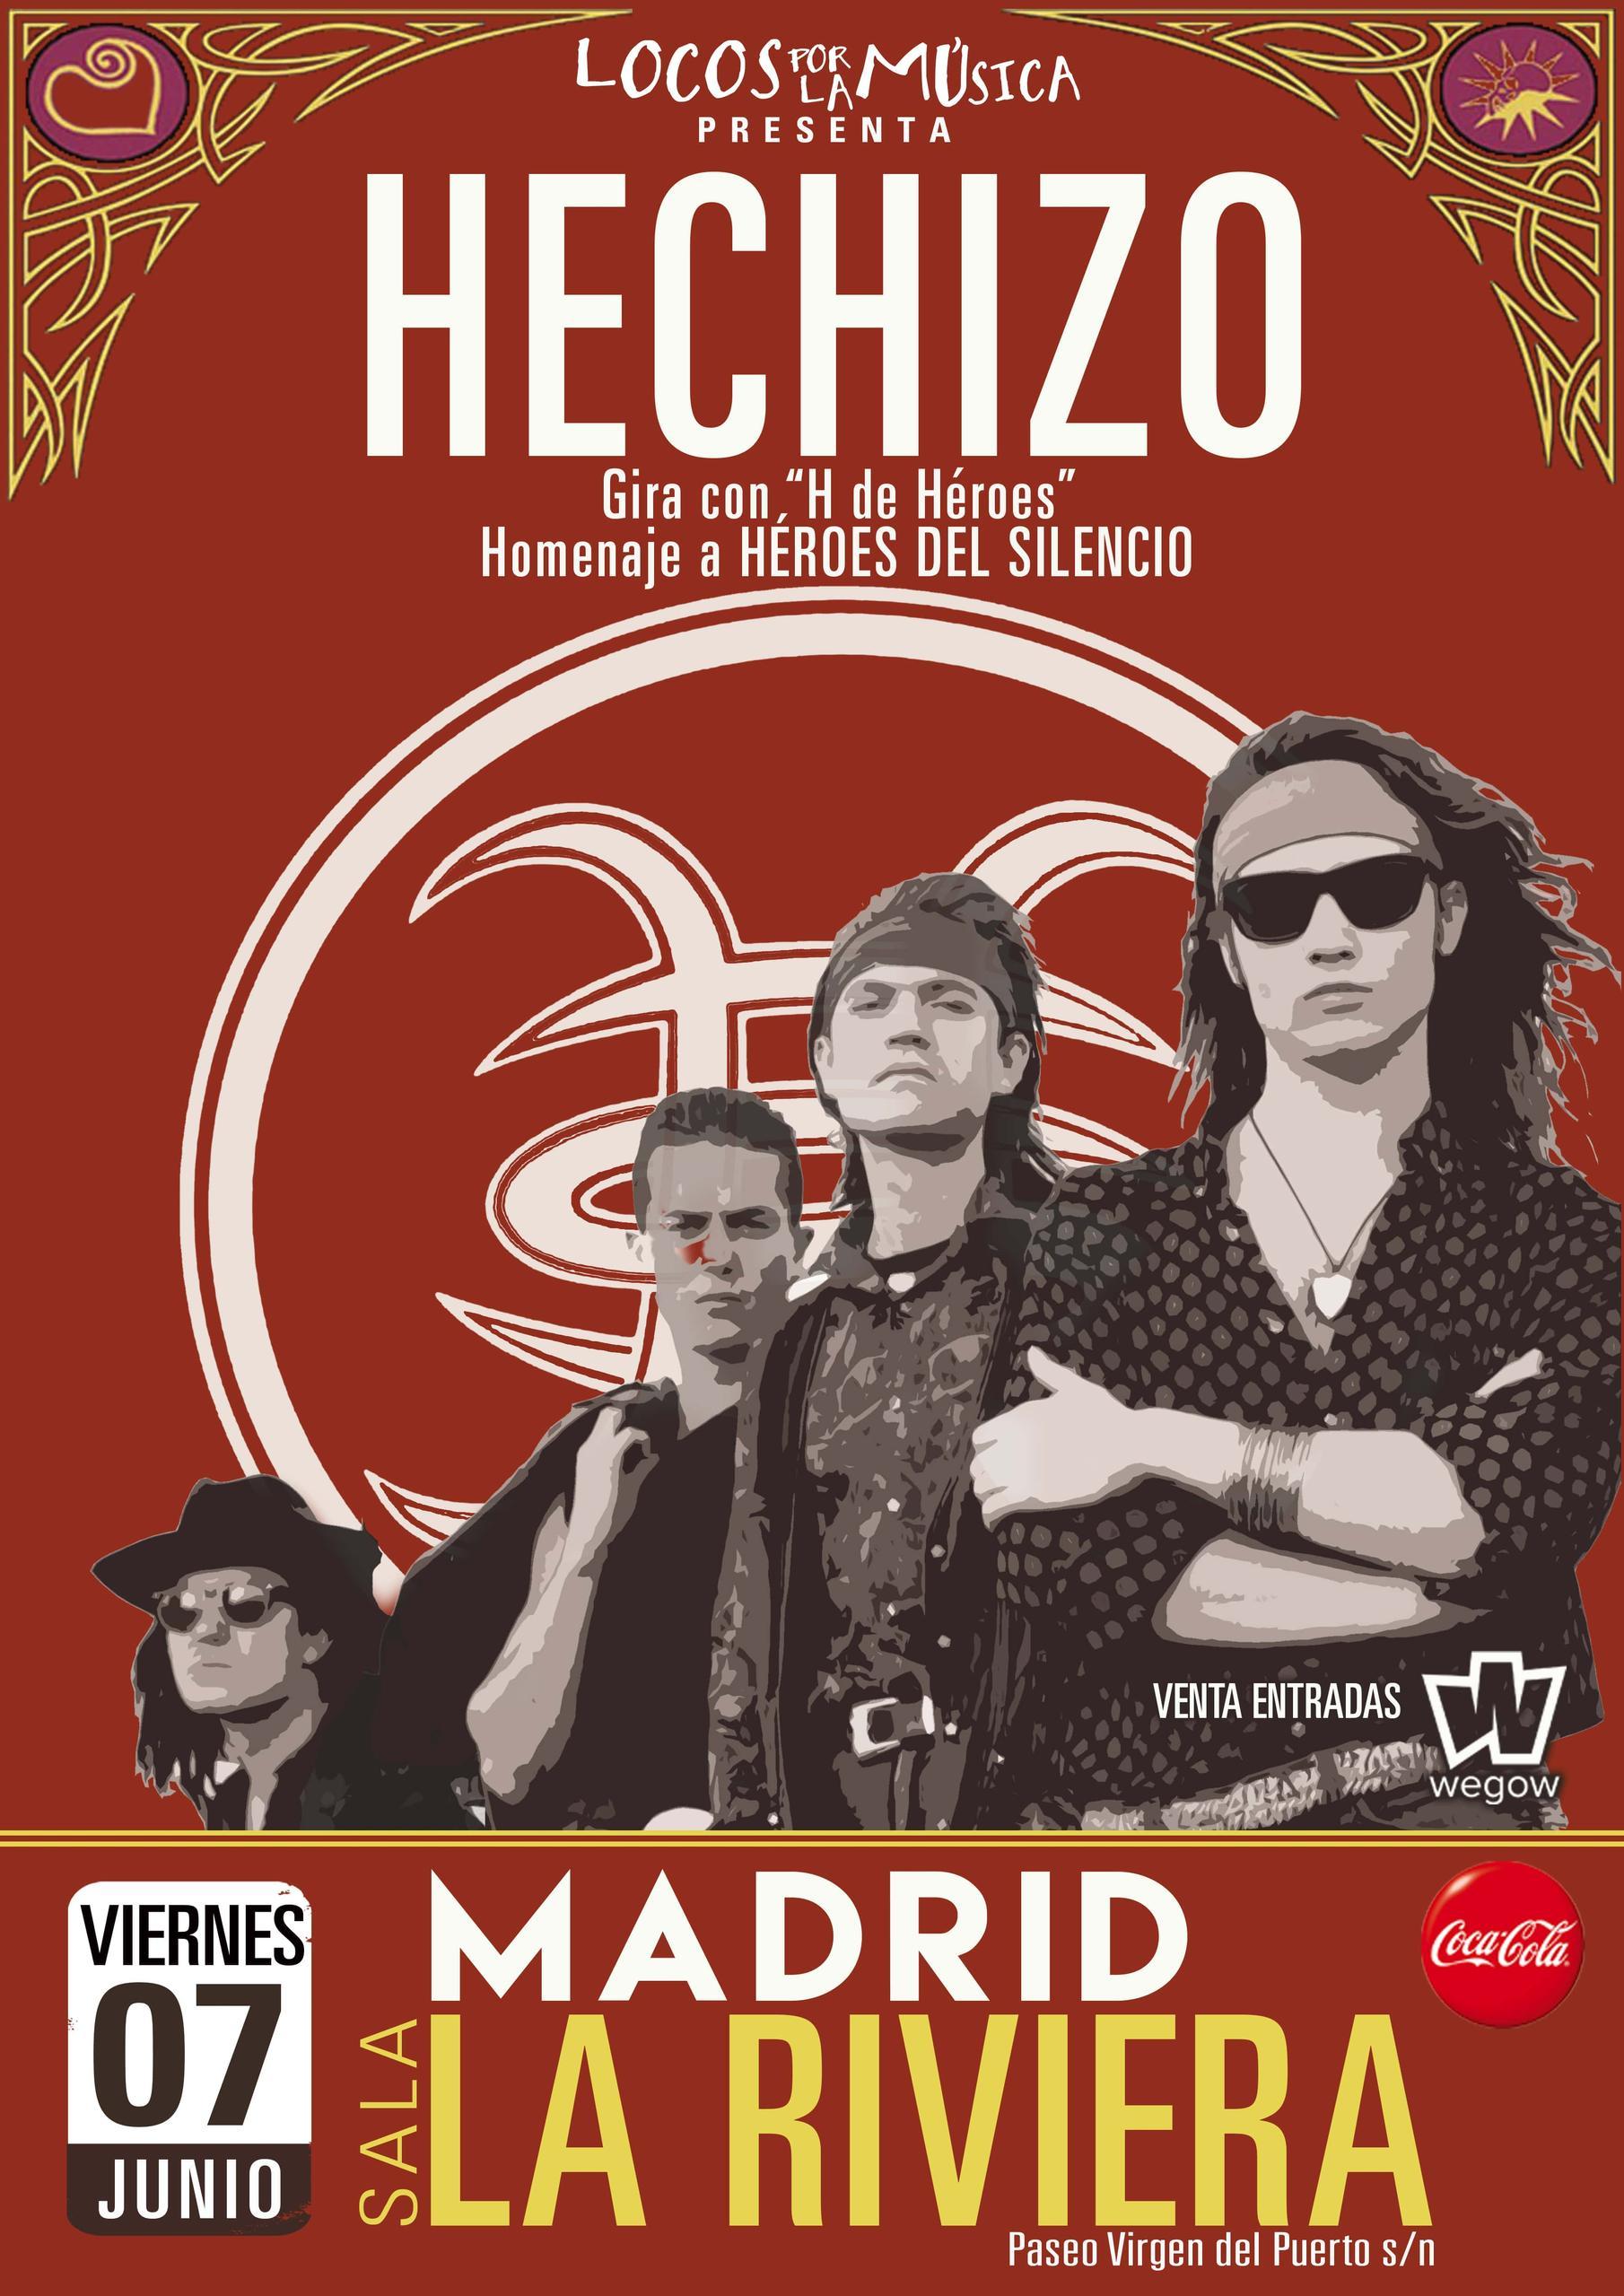 Concierto de Hechizo - Homenaje a Héroes del Silencio en Madrid